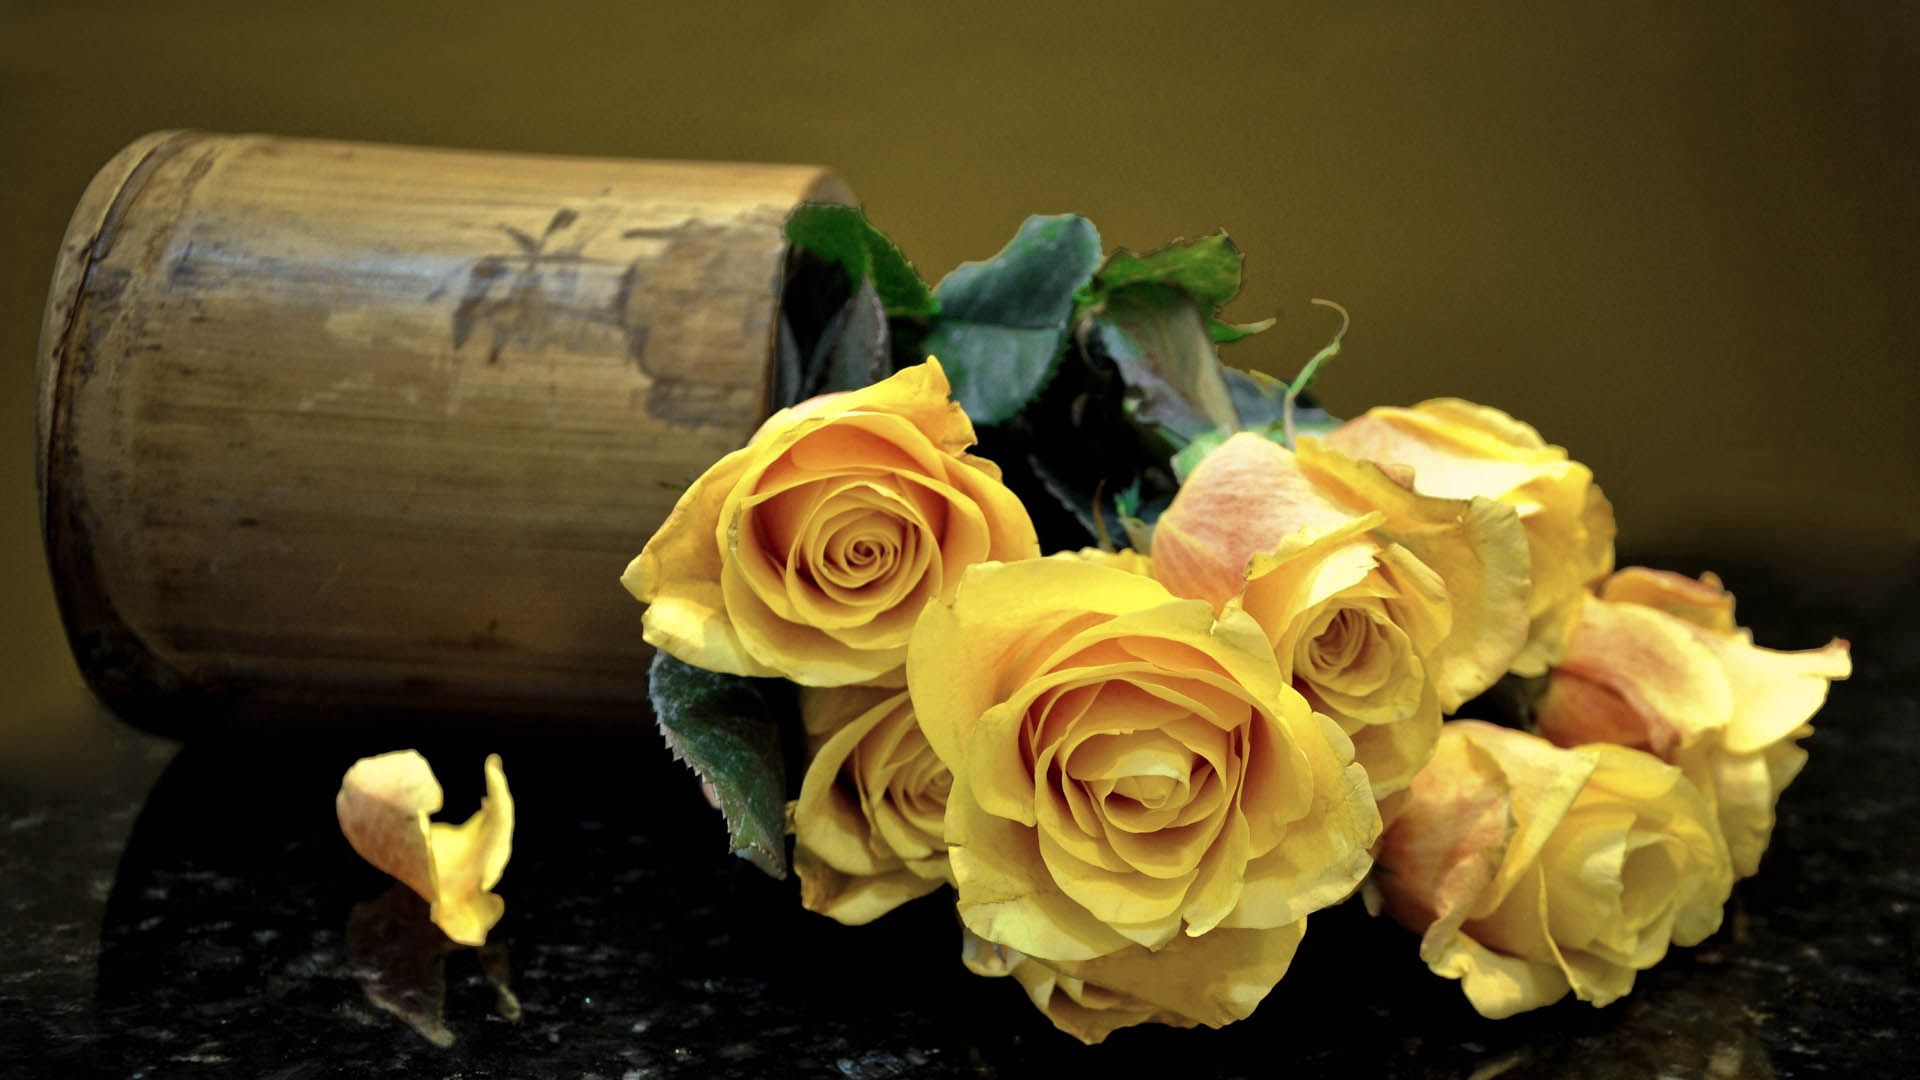 92293 Hintergrundbild herunterladen Blumen, Roses, Strauß, Bouquet - Bildschirmschoner und Bilder kostenlos